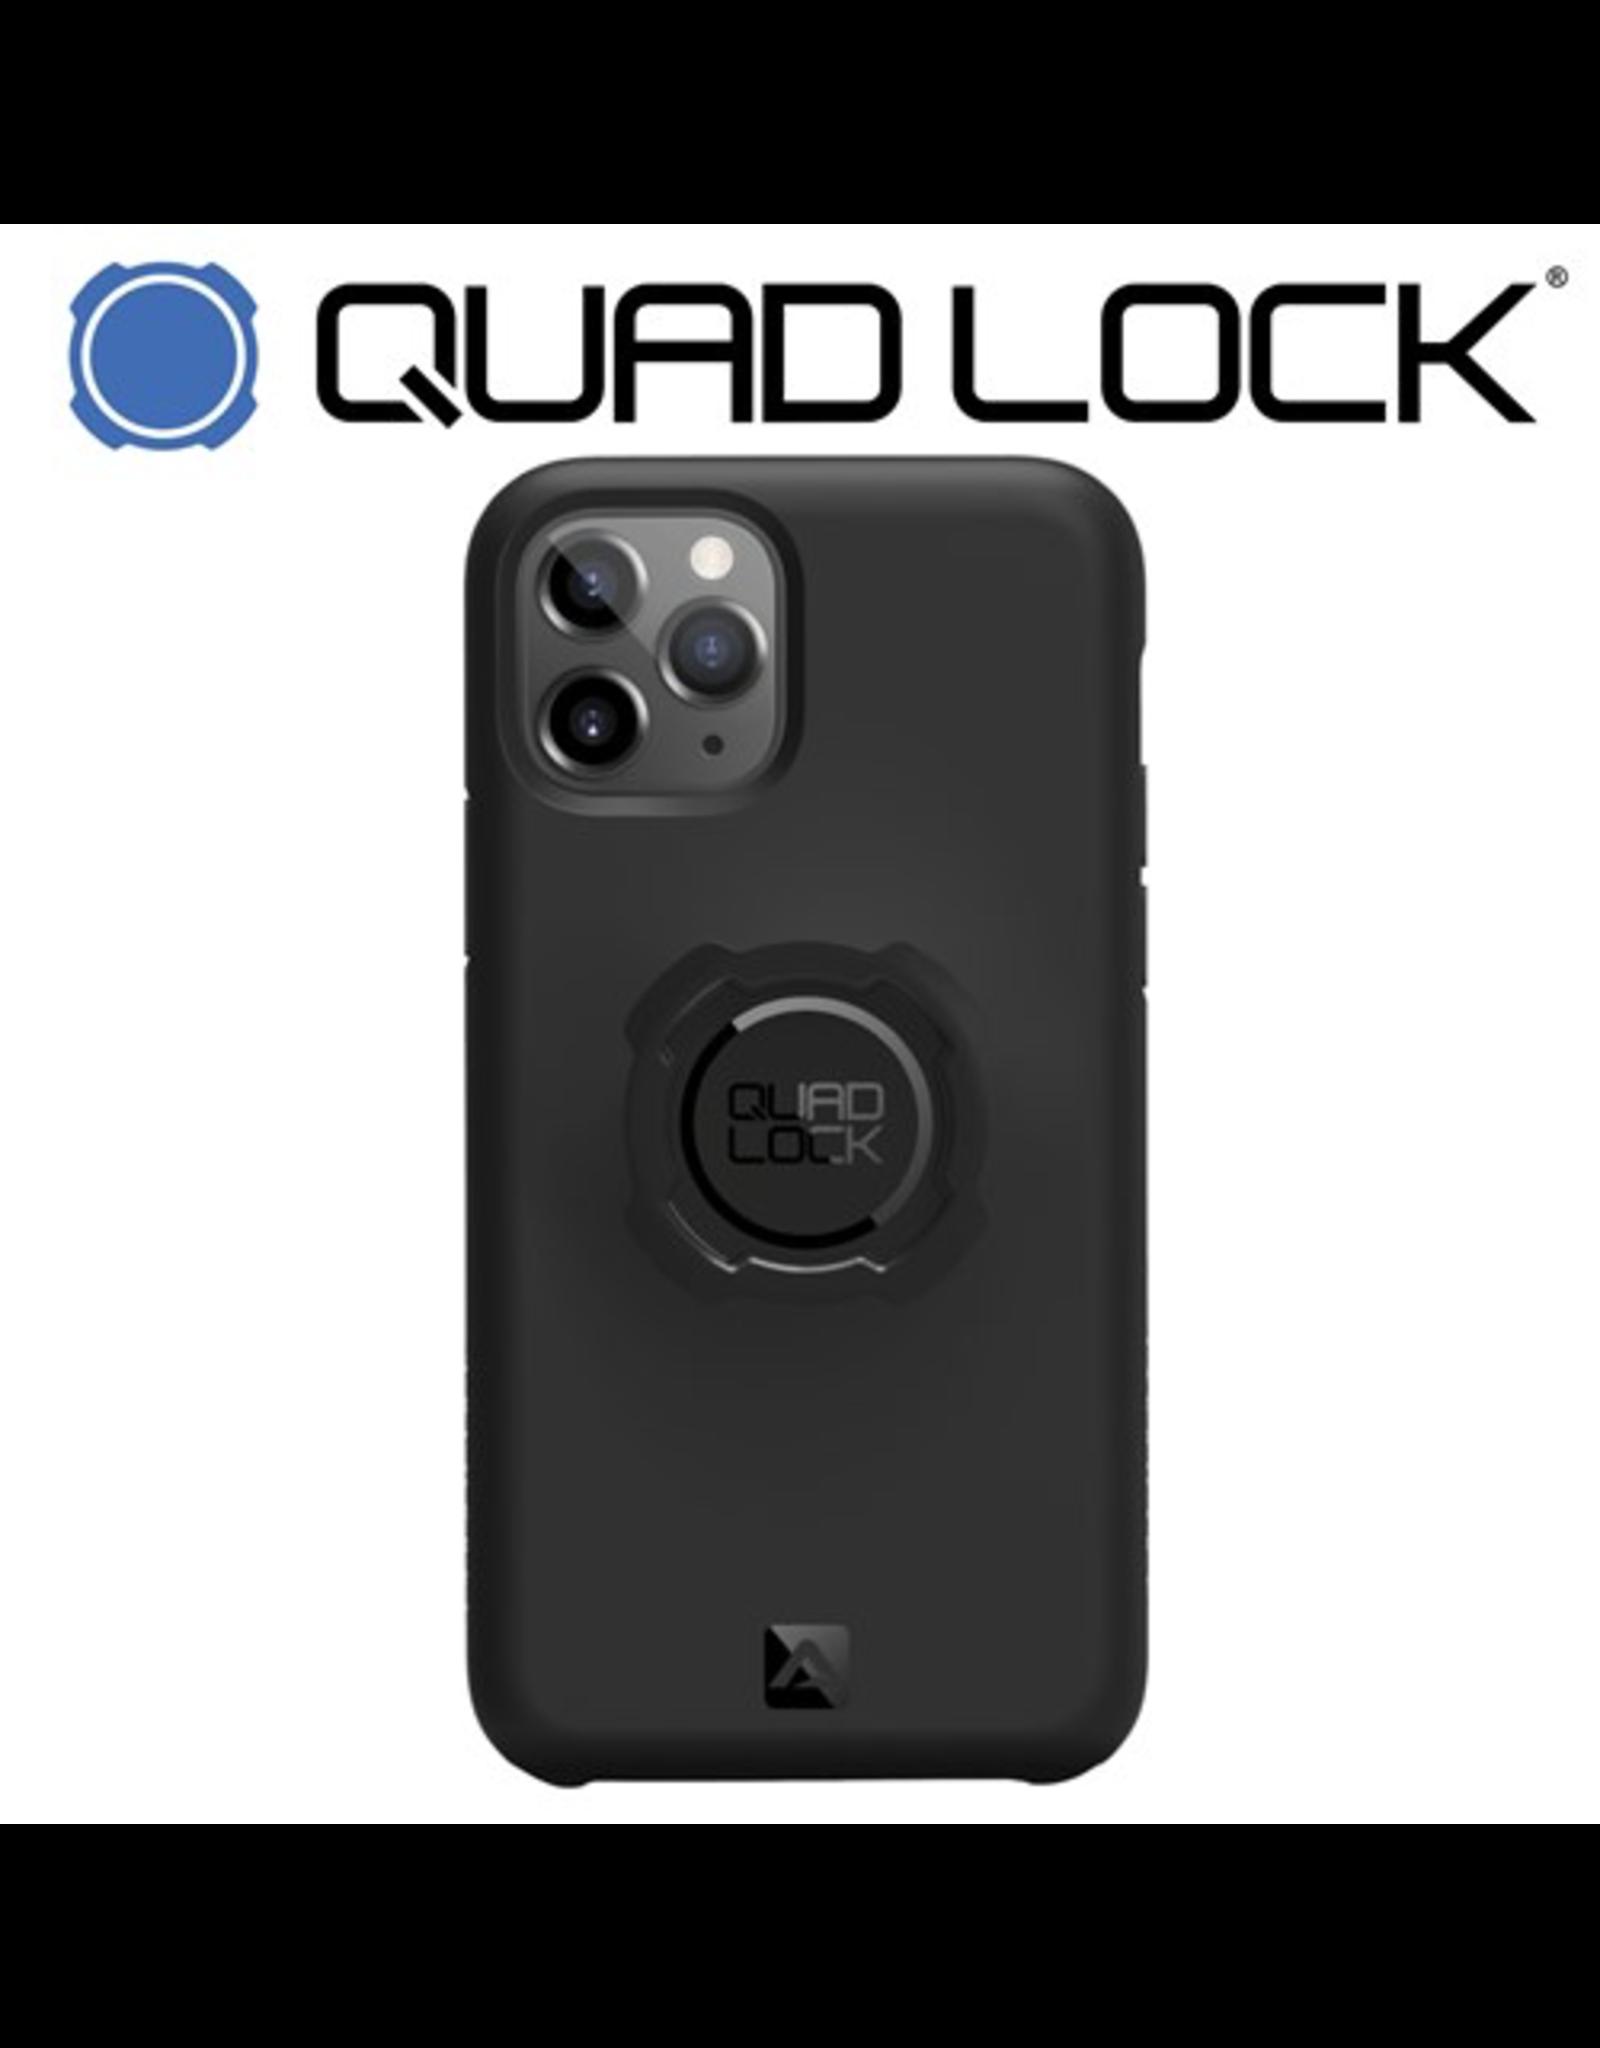 QUAD LOCK PHONE CASE QUAD LOCK FOR iPHONE 11 PRO